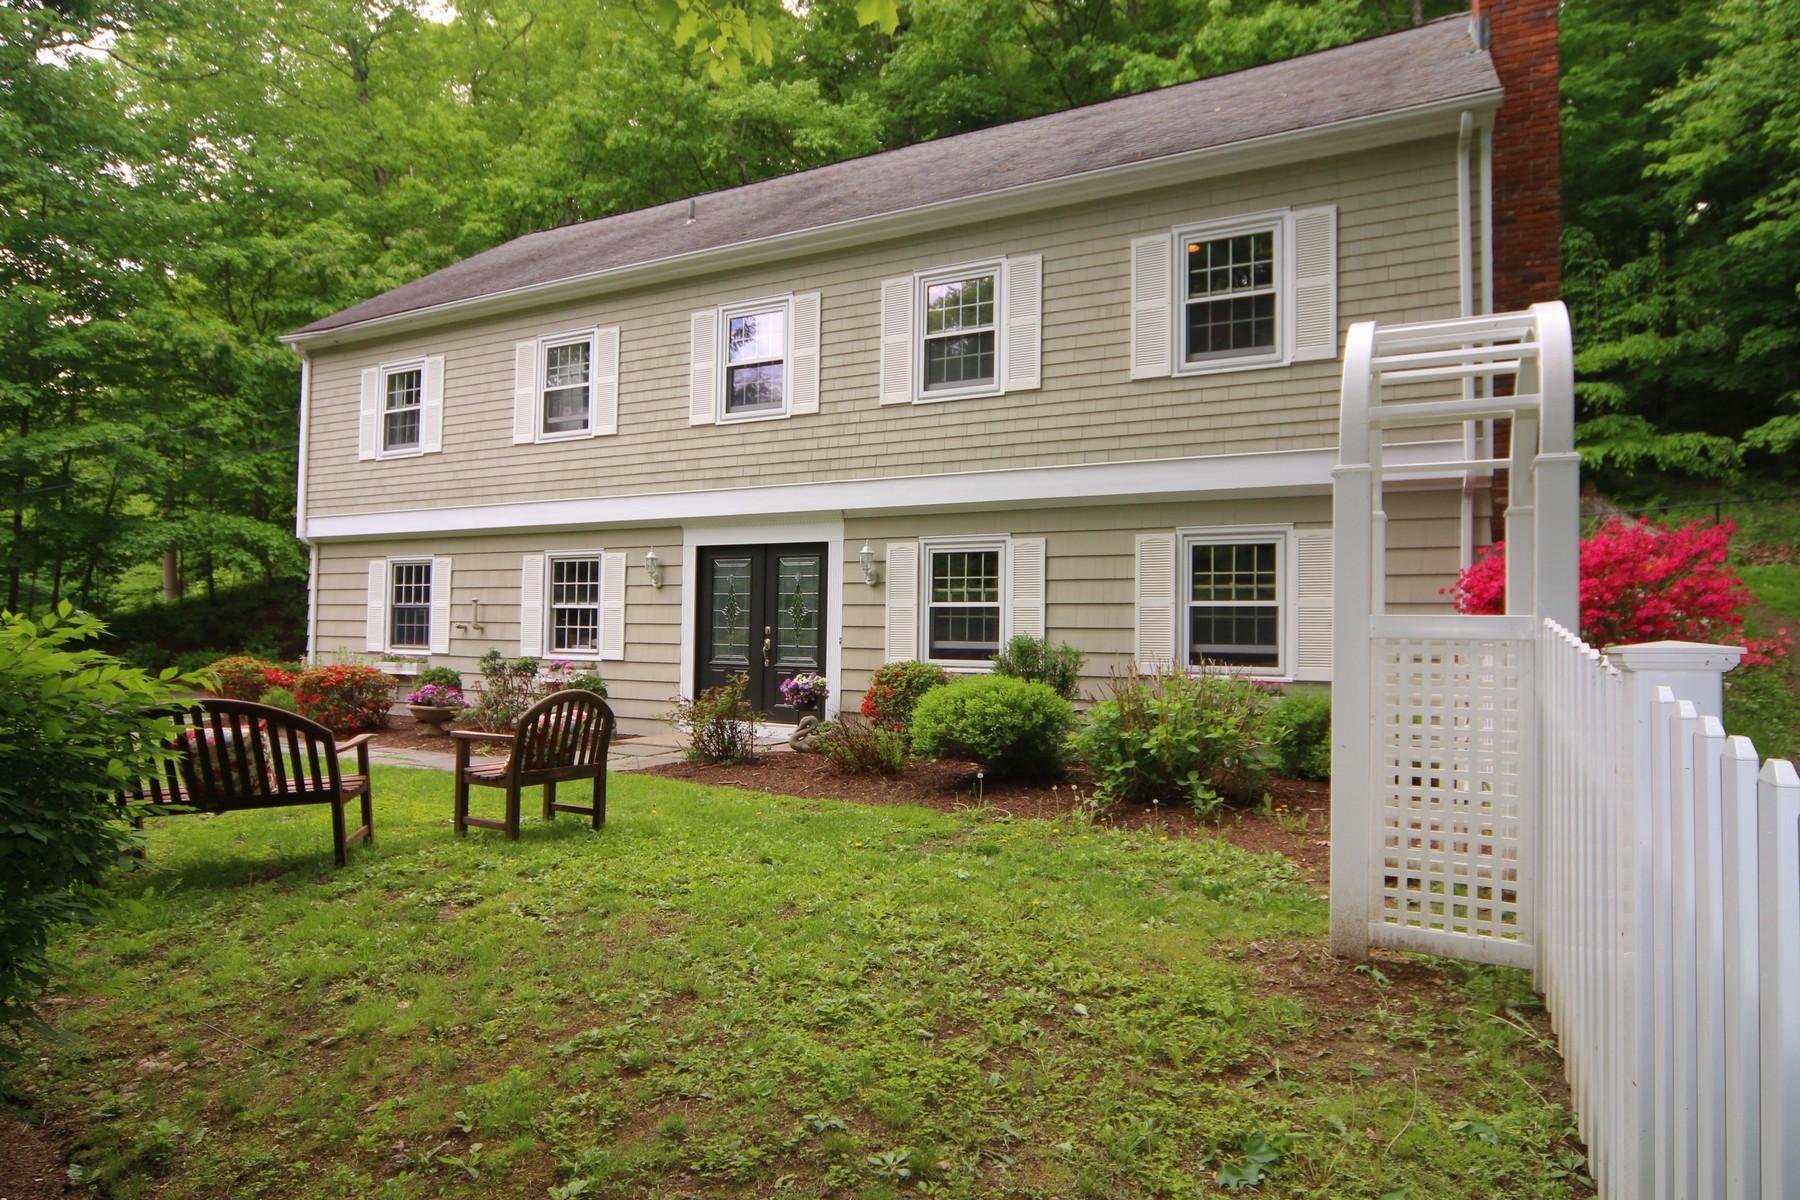 단독 가정 주택 용 매매 에 Spacious & Gracious 27 Fulling Mill Lane Ridgefield, 코네티컷, 06877 미국